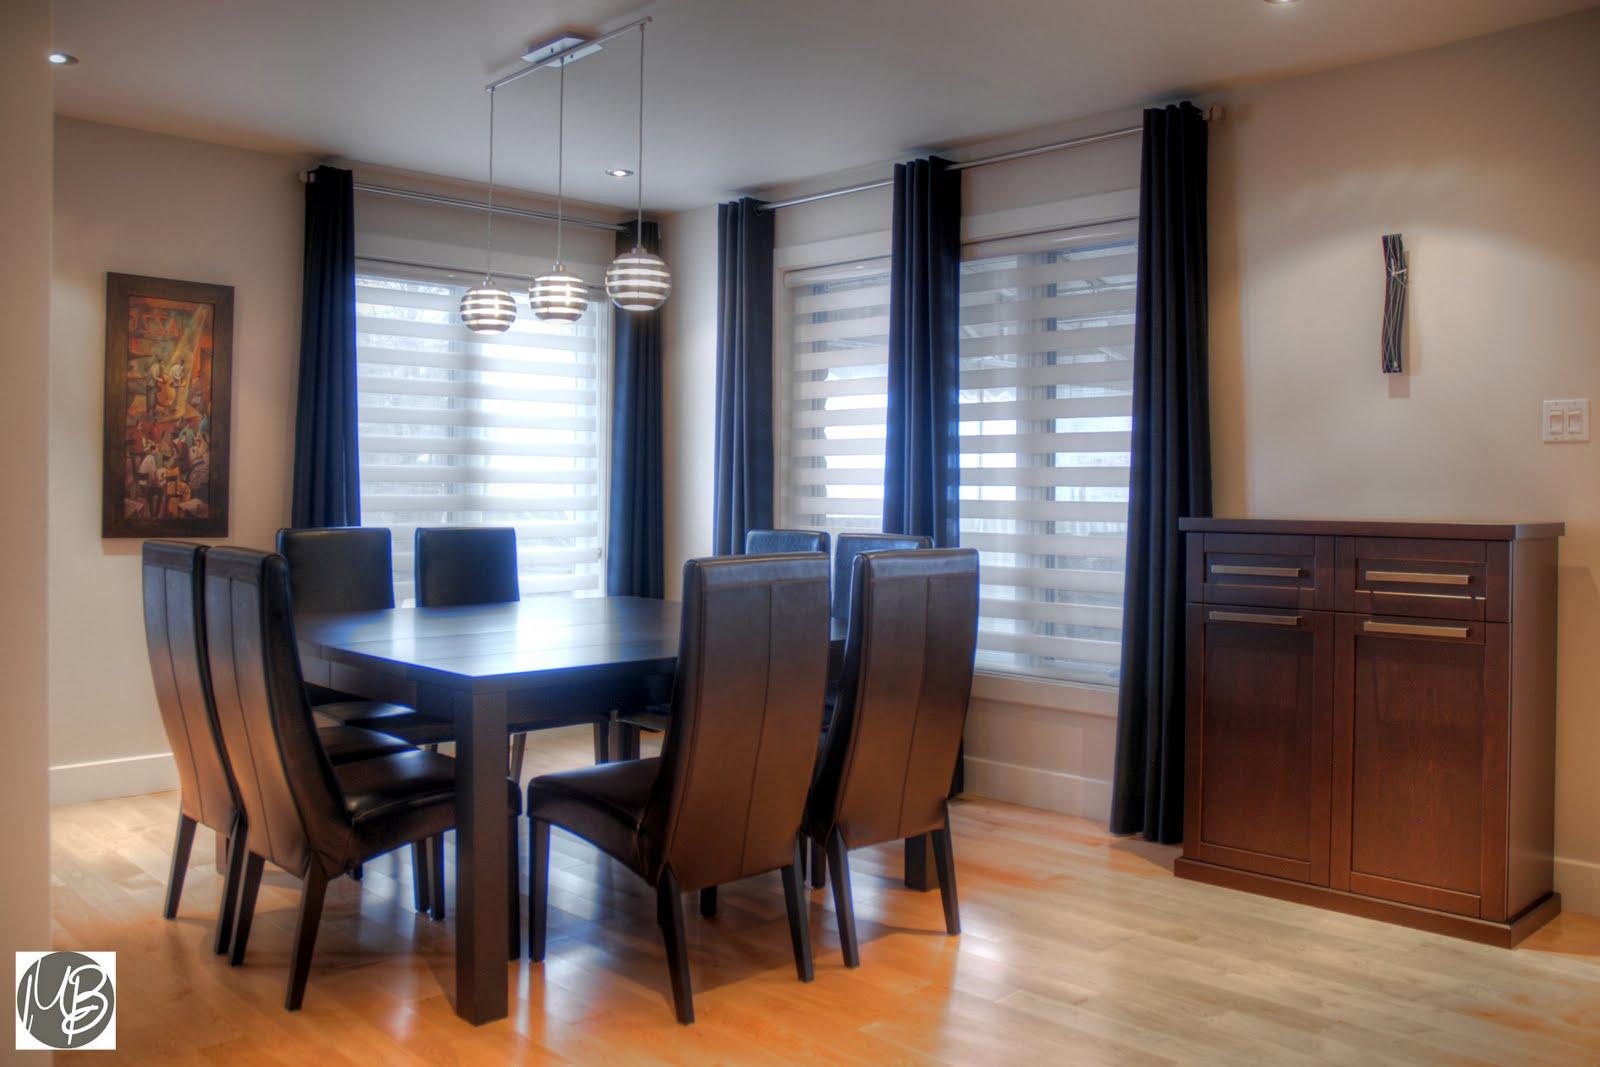 Photo décoration cuisine et salon aire ouverte